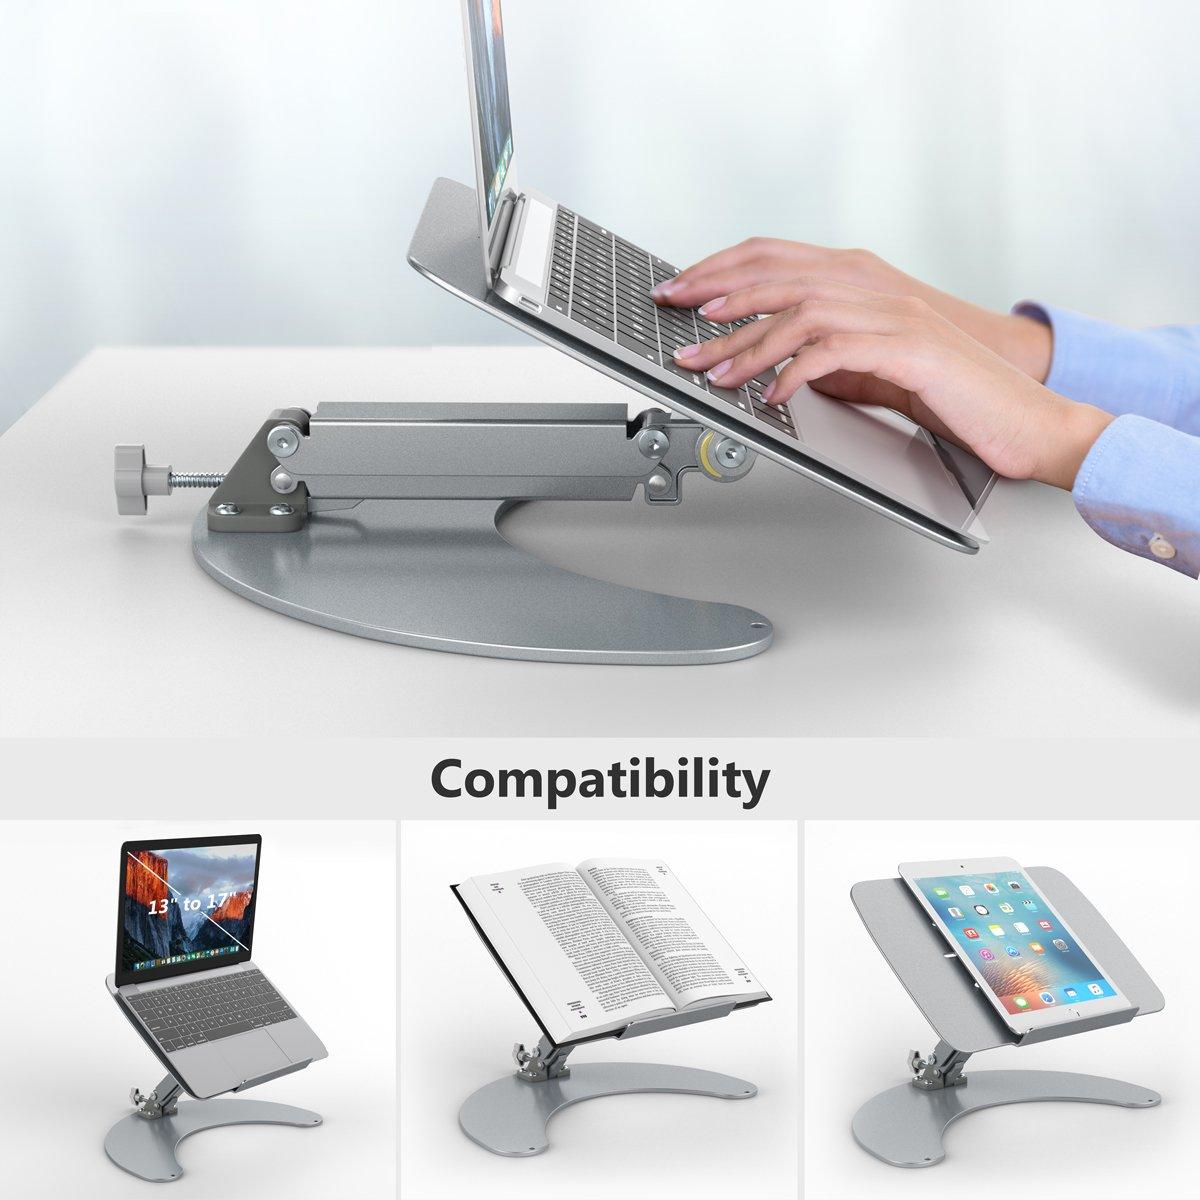 einstellbare Halter Aluminium, Anti-Slip, Gute Ventilation, f/ür Laptop Tisch, Tablet PC Handy usw. Slypnos Laptop Halter Halterung Tablet Halterung Universal Tischhalter